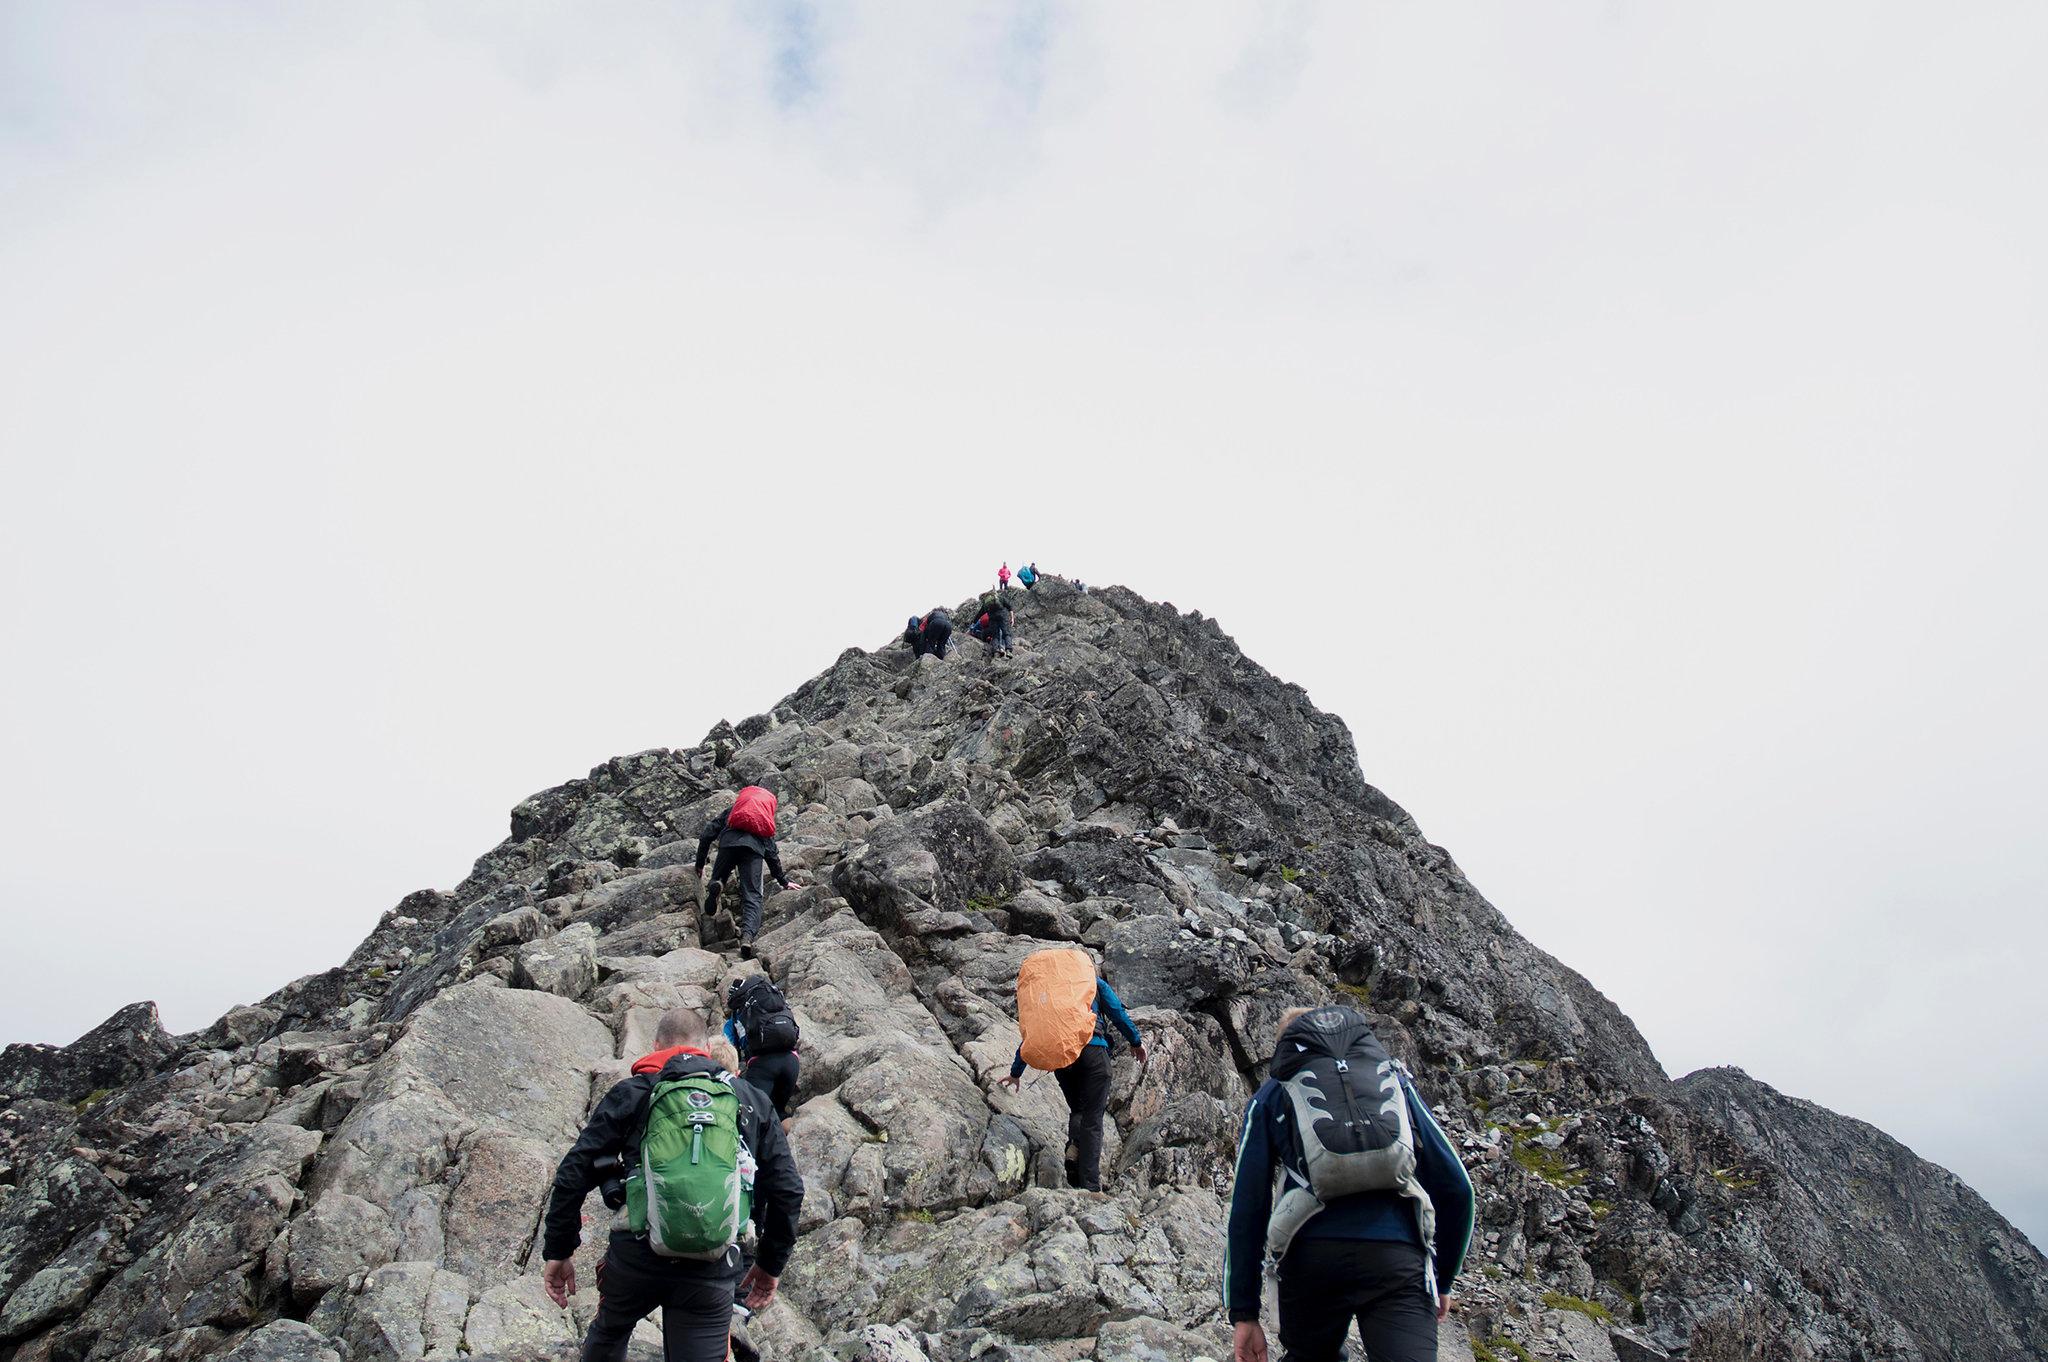 mensen klimmen een berg op